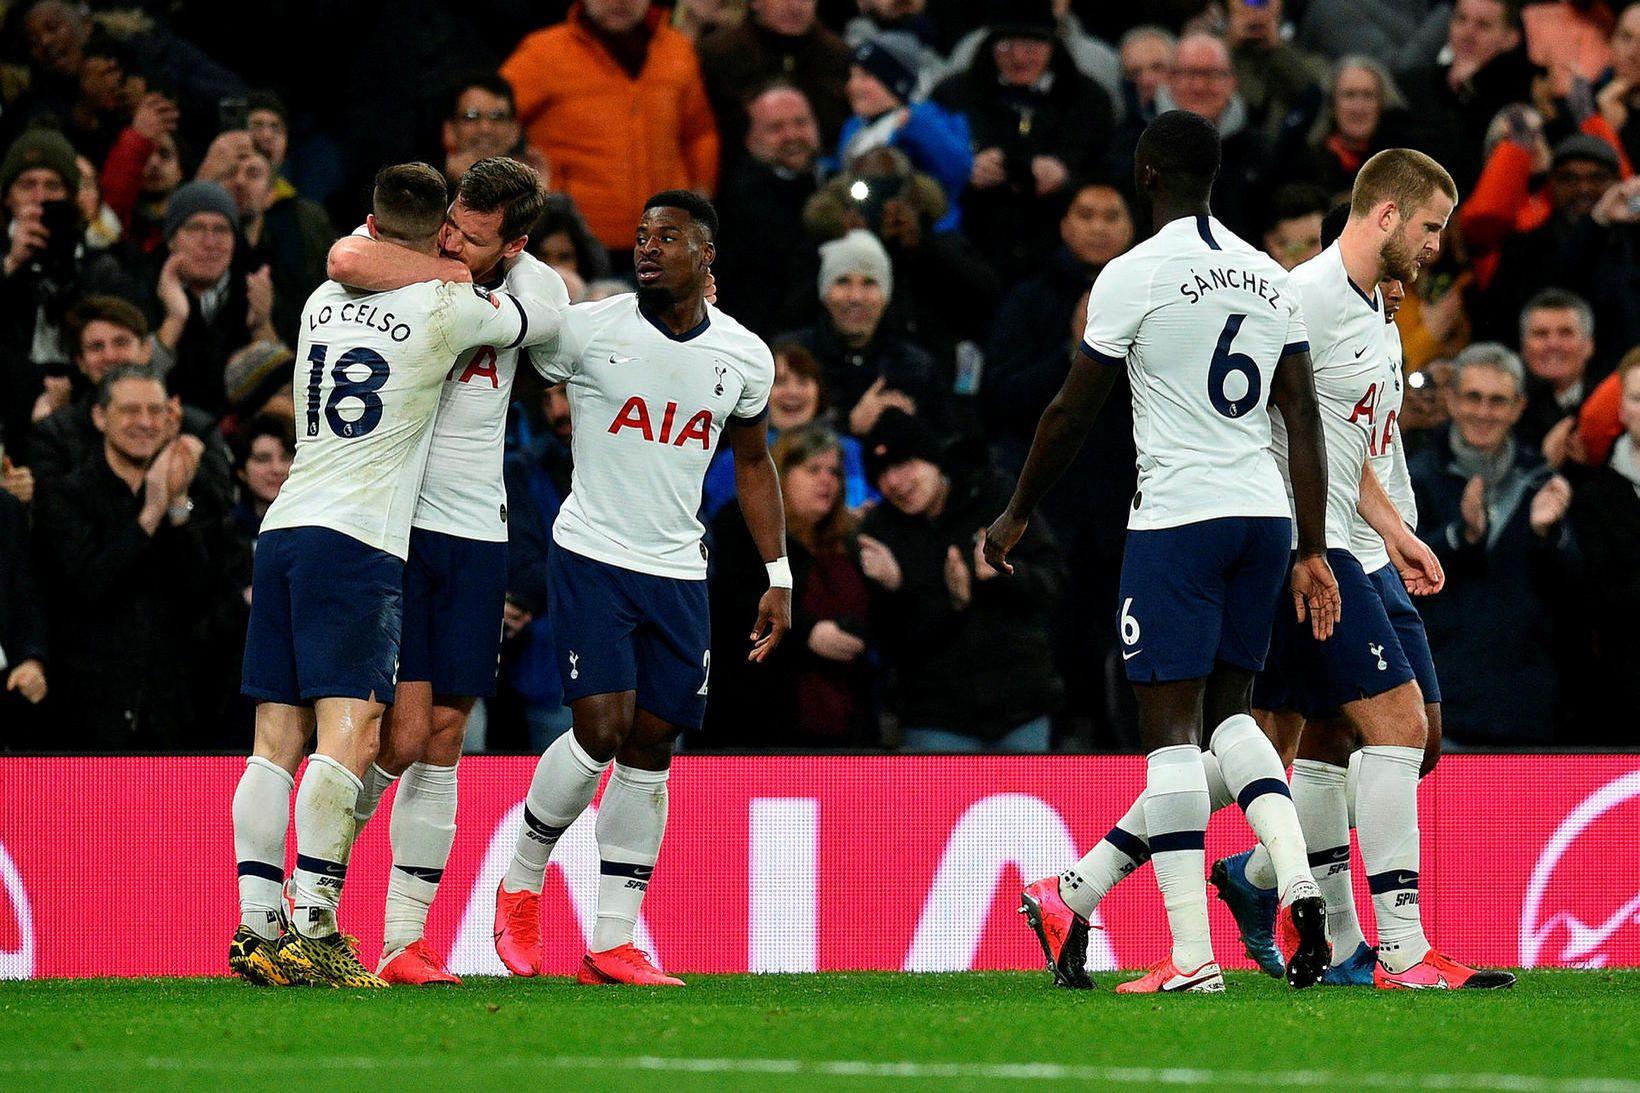 Leikmenn Tottenham sitja undir mikilli gagnrýni frá sínum eigin stuðningsmönnum.